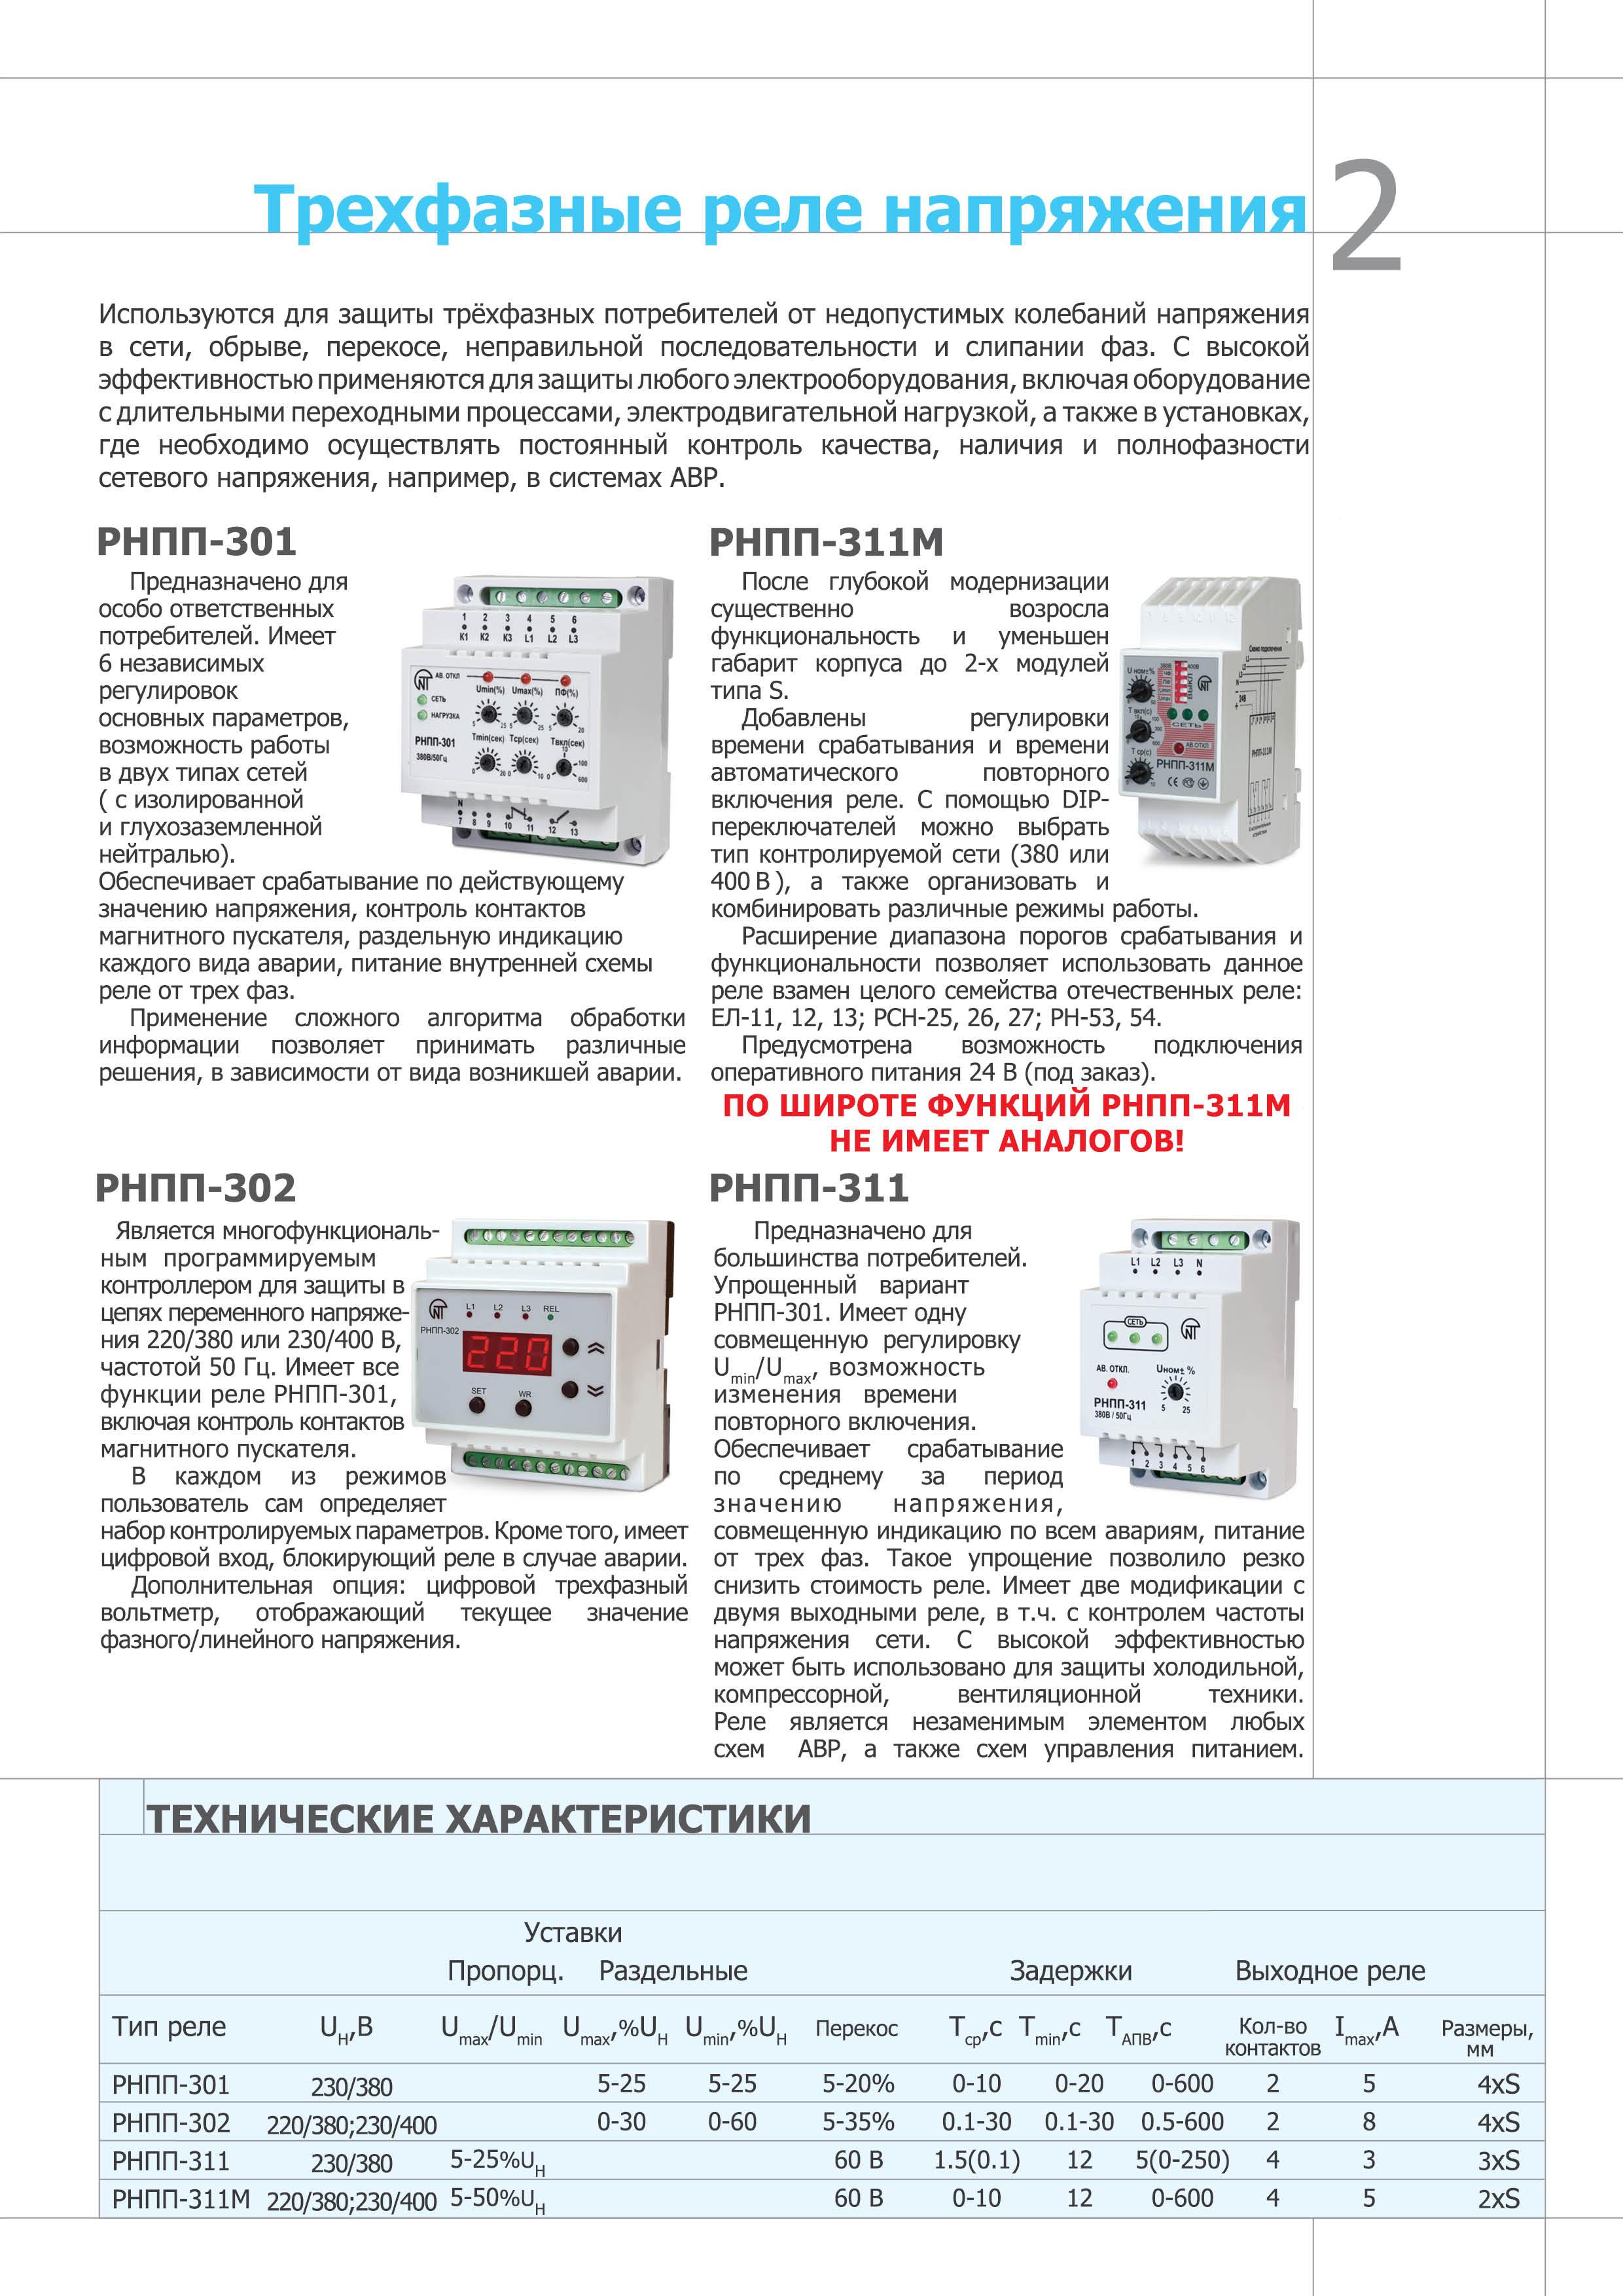 эстет ярославль официальный сайт сантехника